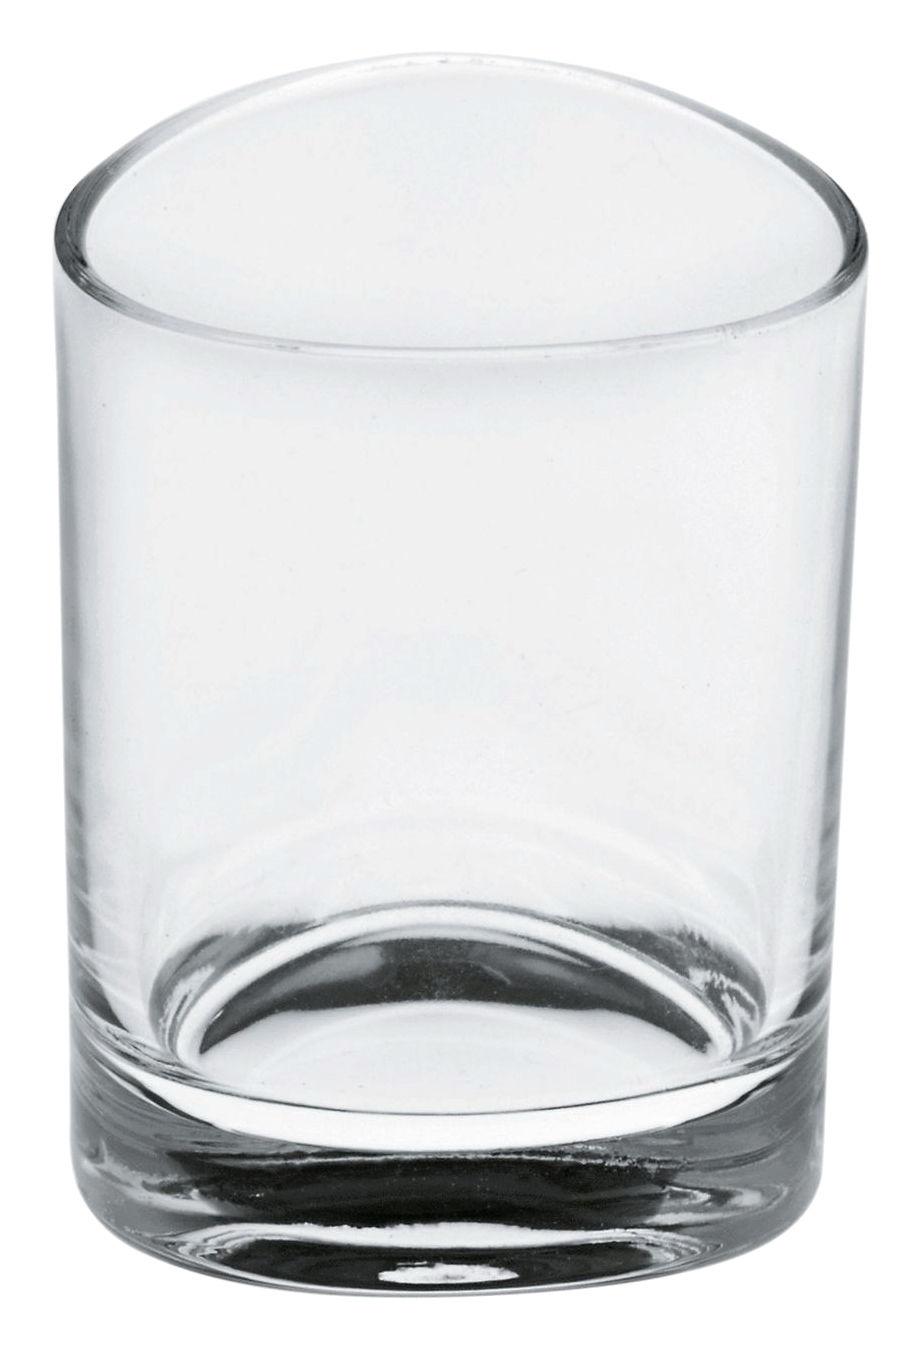 Tavola - Bicchieri  - Bicchiere da liquore Colombina di Alessi - Cristallo trasparente -  H 6,3 cm - Vetro